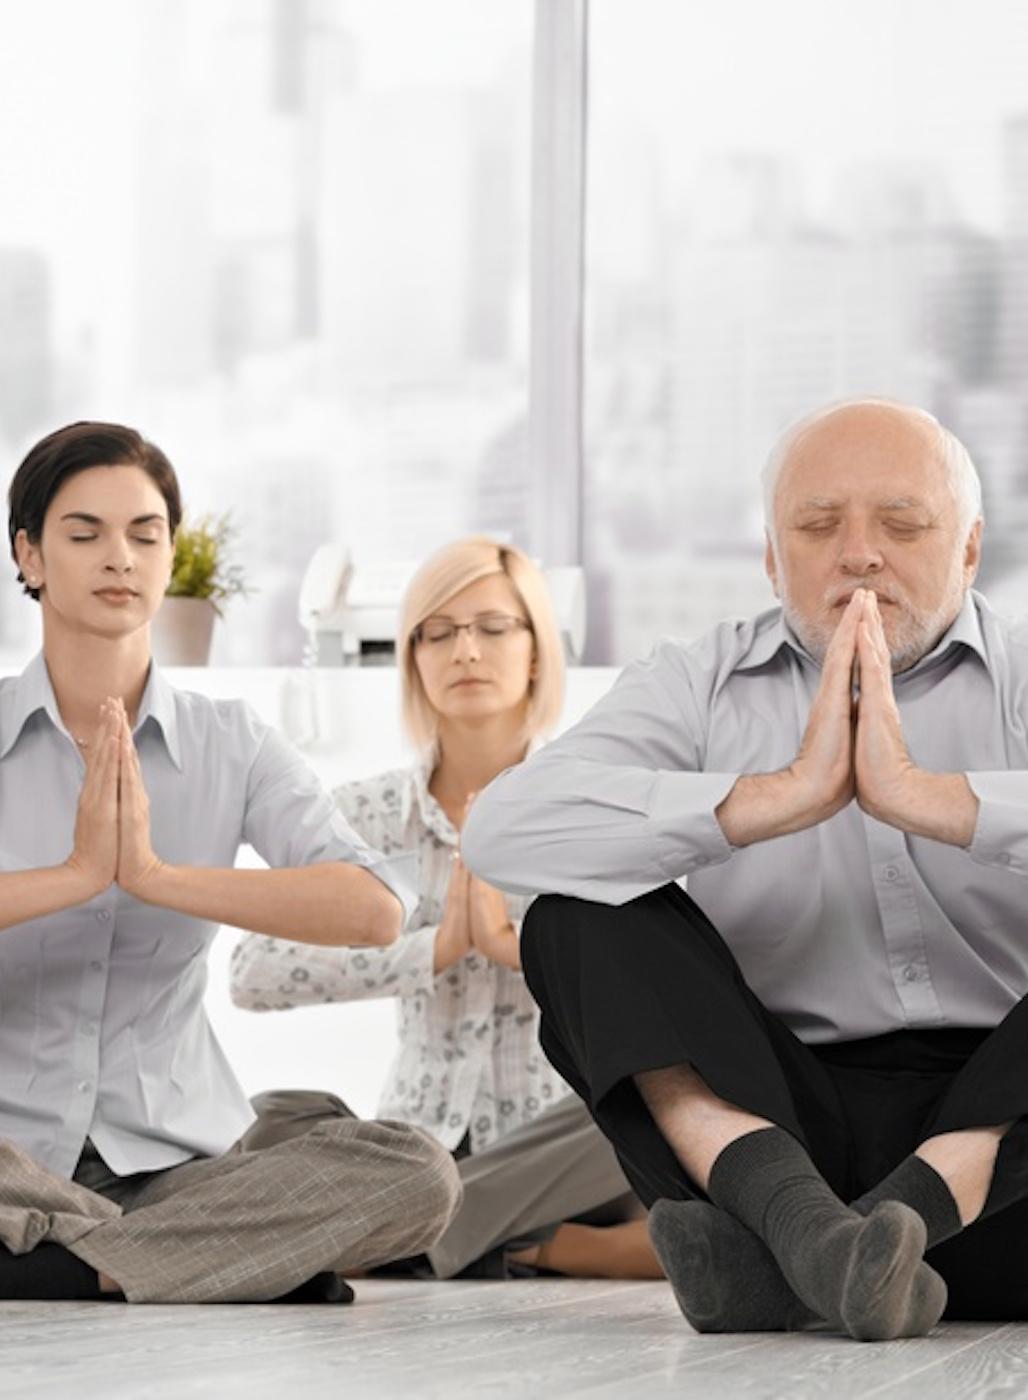 Männer und Frauen entspannen beim Yoga-Kurs.